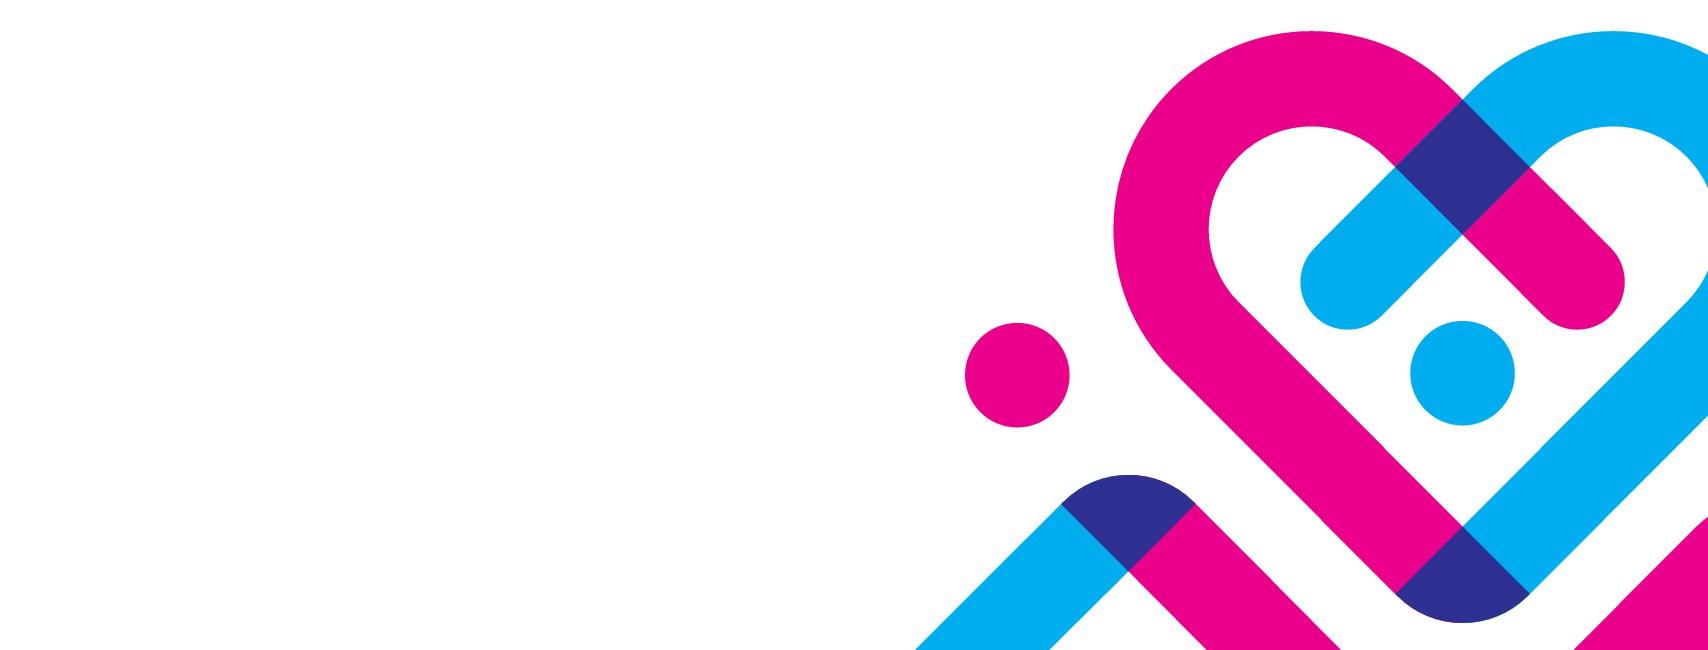 Design a logo and social media pack for LovedUp Dating App